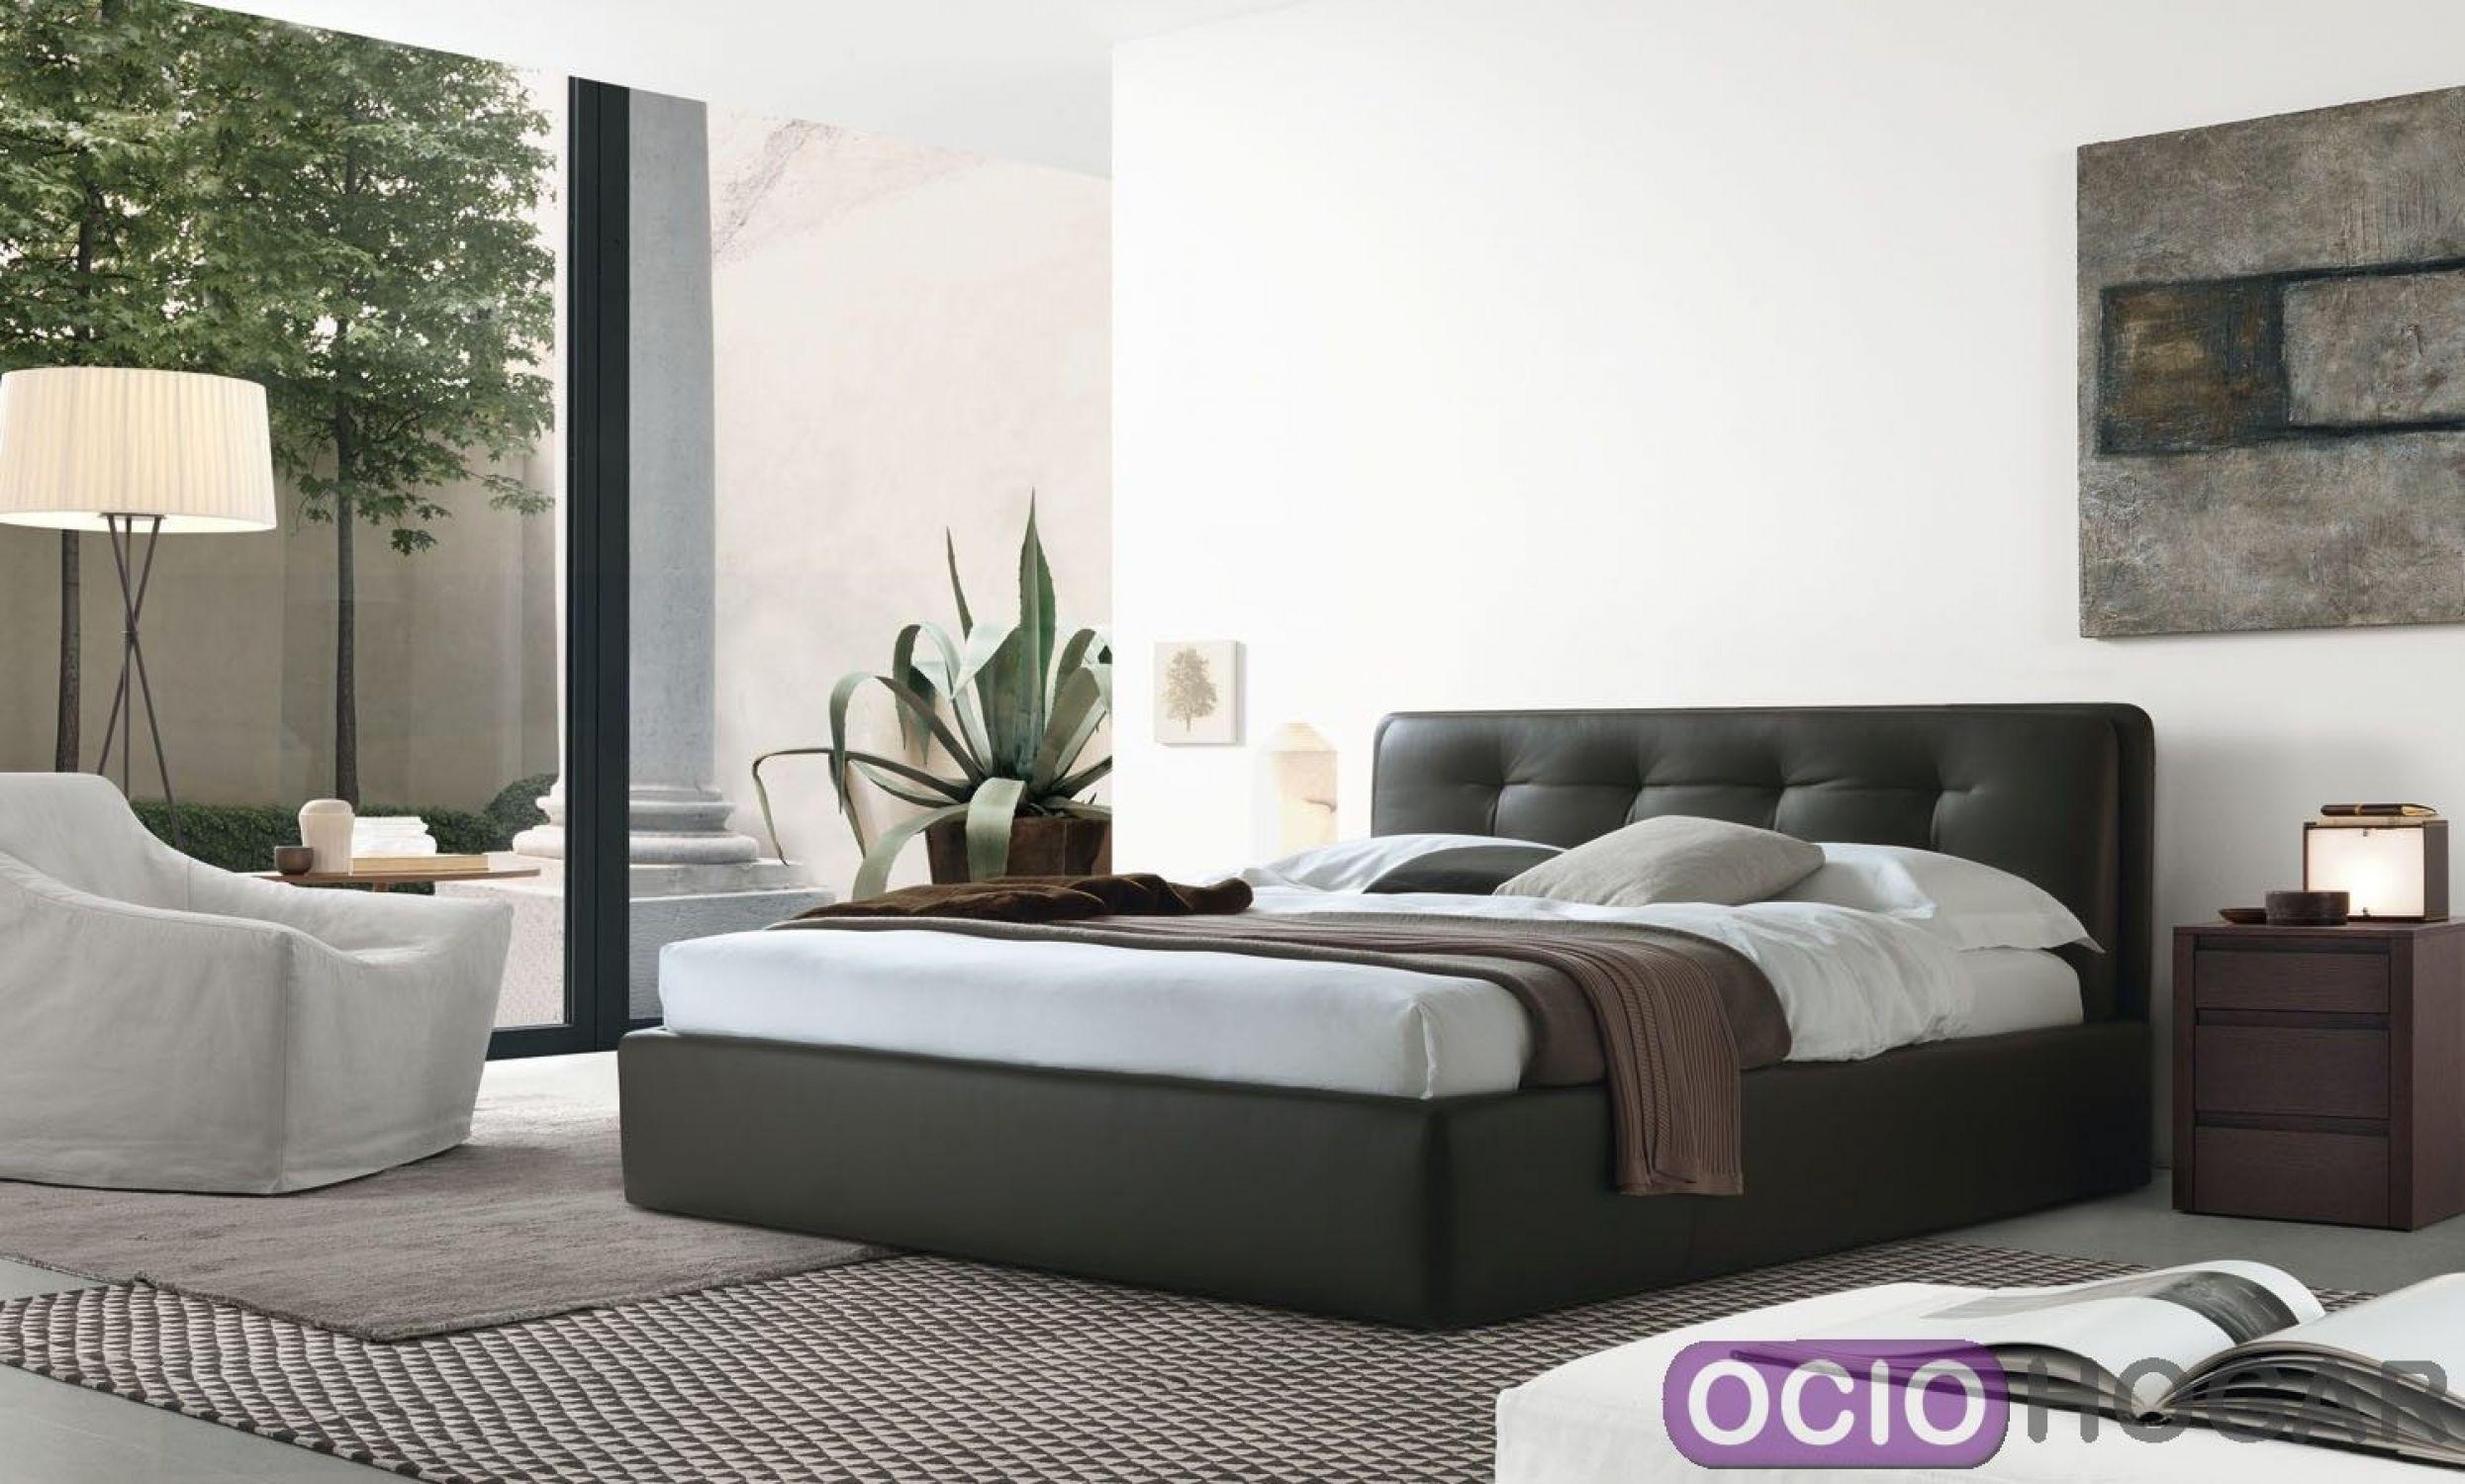 Comprar online camas de diseño tapizadas - OcioHogar.com